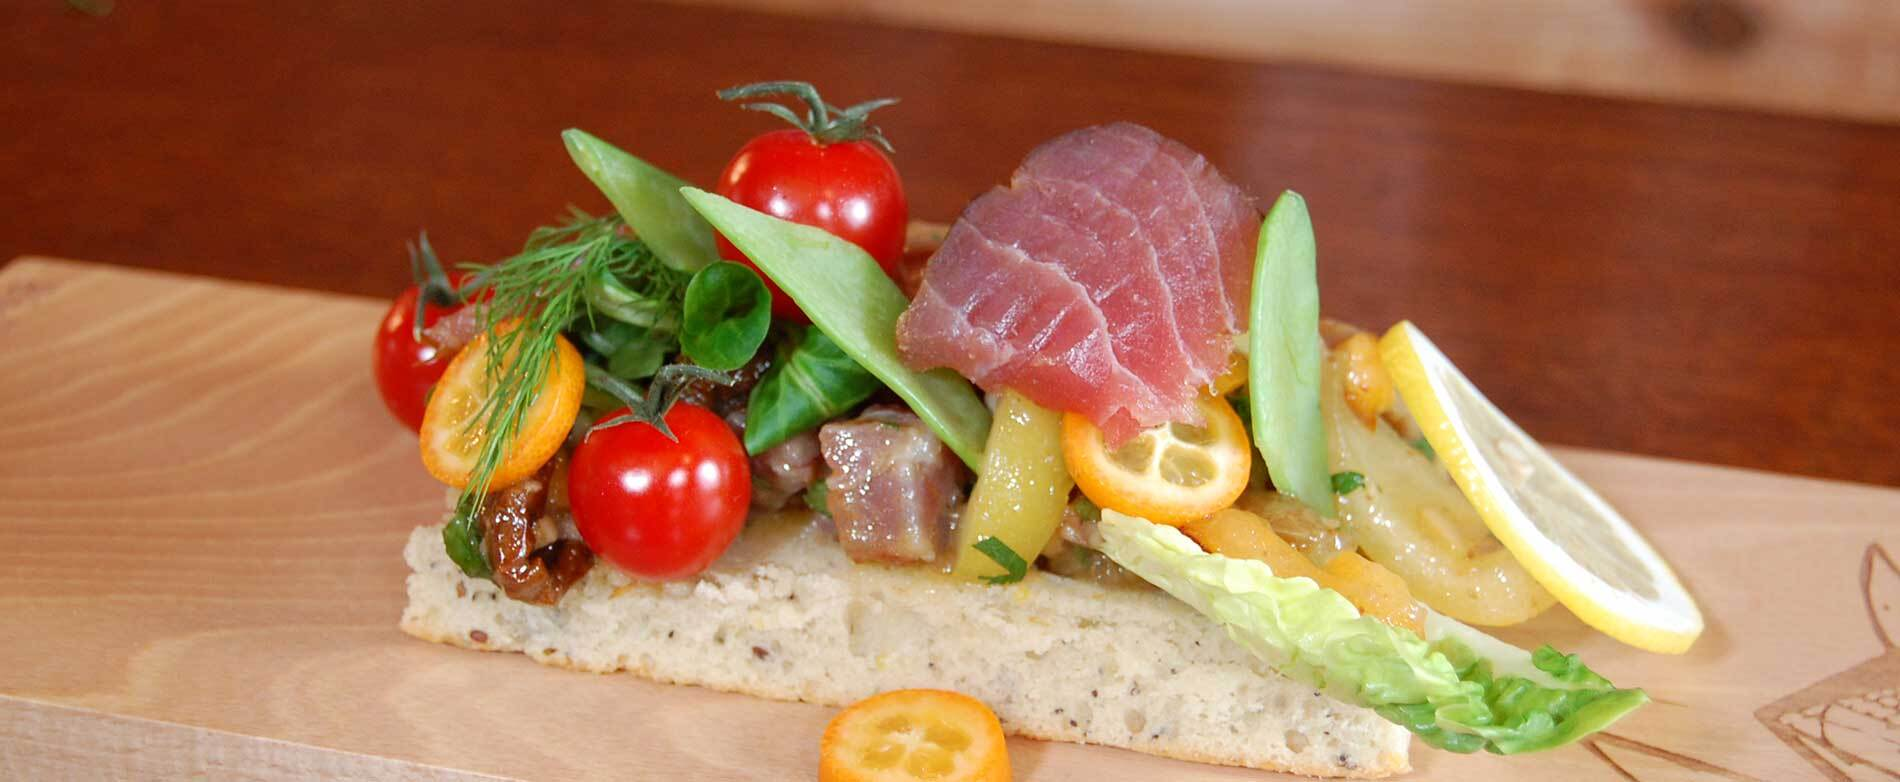 Recettes de chefs : ceviche de thon et lieu fumés sur un pain ciabatta à l'huile d'olive fumée